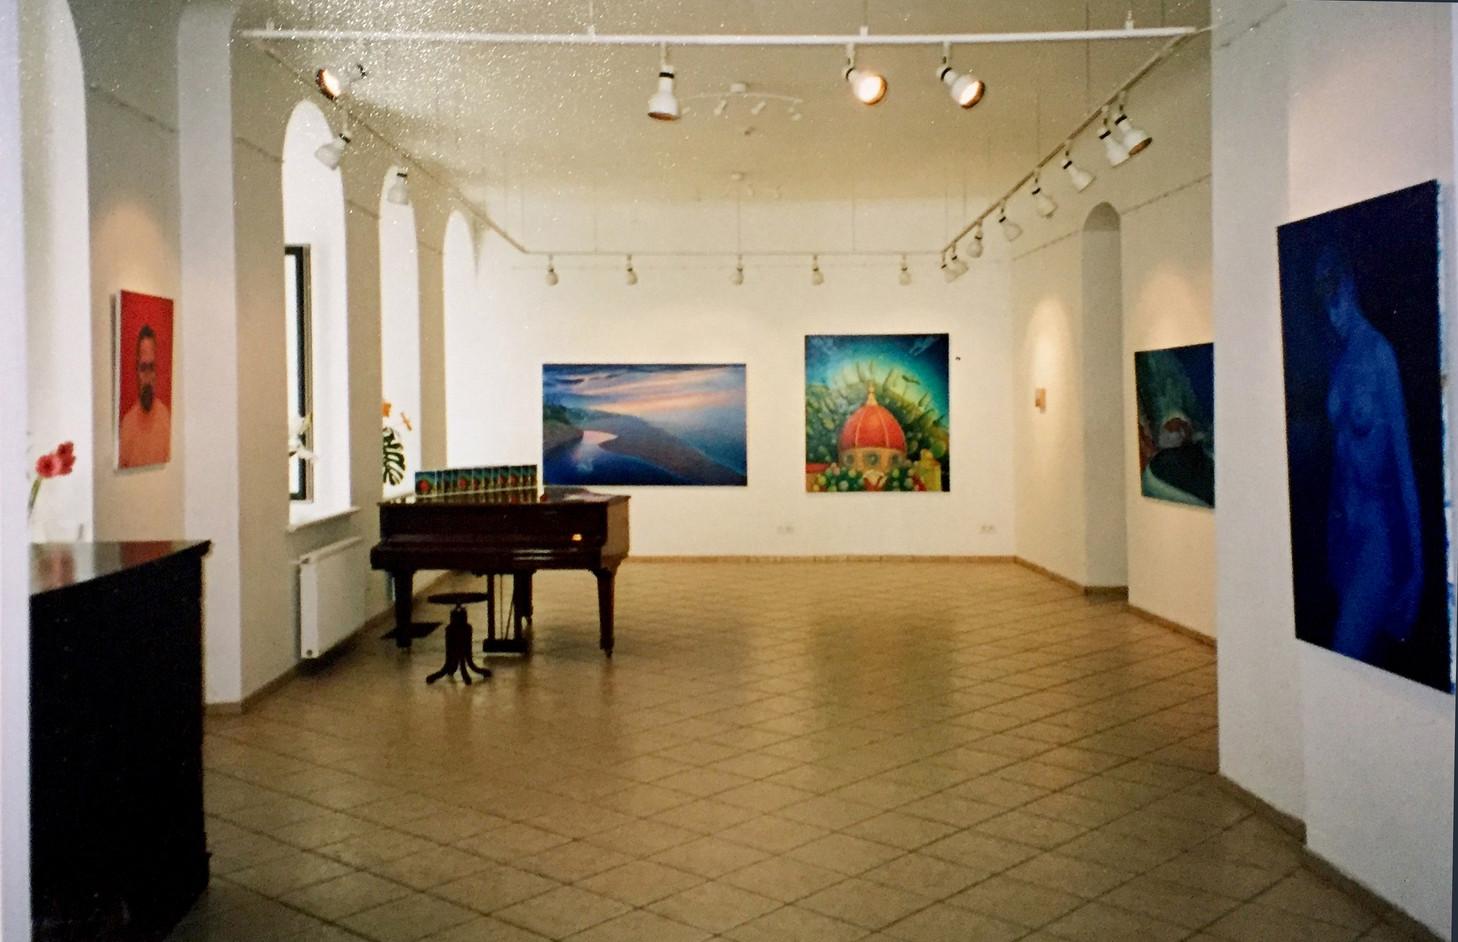 """""""Mazliet rozā, mazliet sevis, mazliet debesis"""" galerija """"Daugava"""", Rīga, Latvija. """"A little bit of pink, a little bit of myself, a little bit of the sky"""", Gallery Daugava, Riga, Latvia. 2002."""